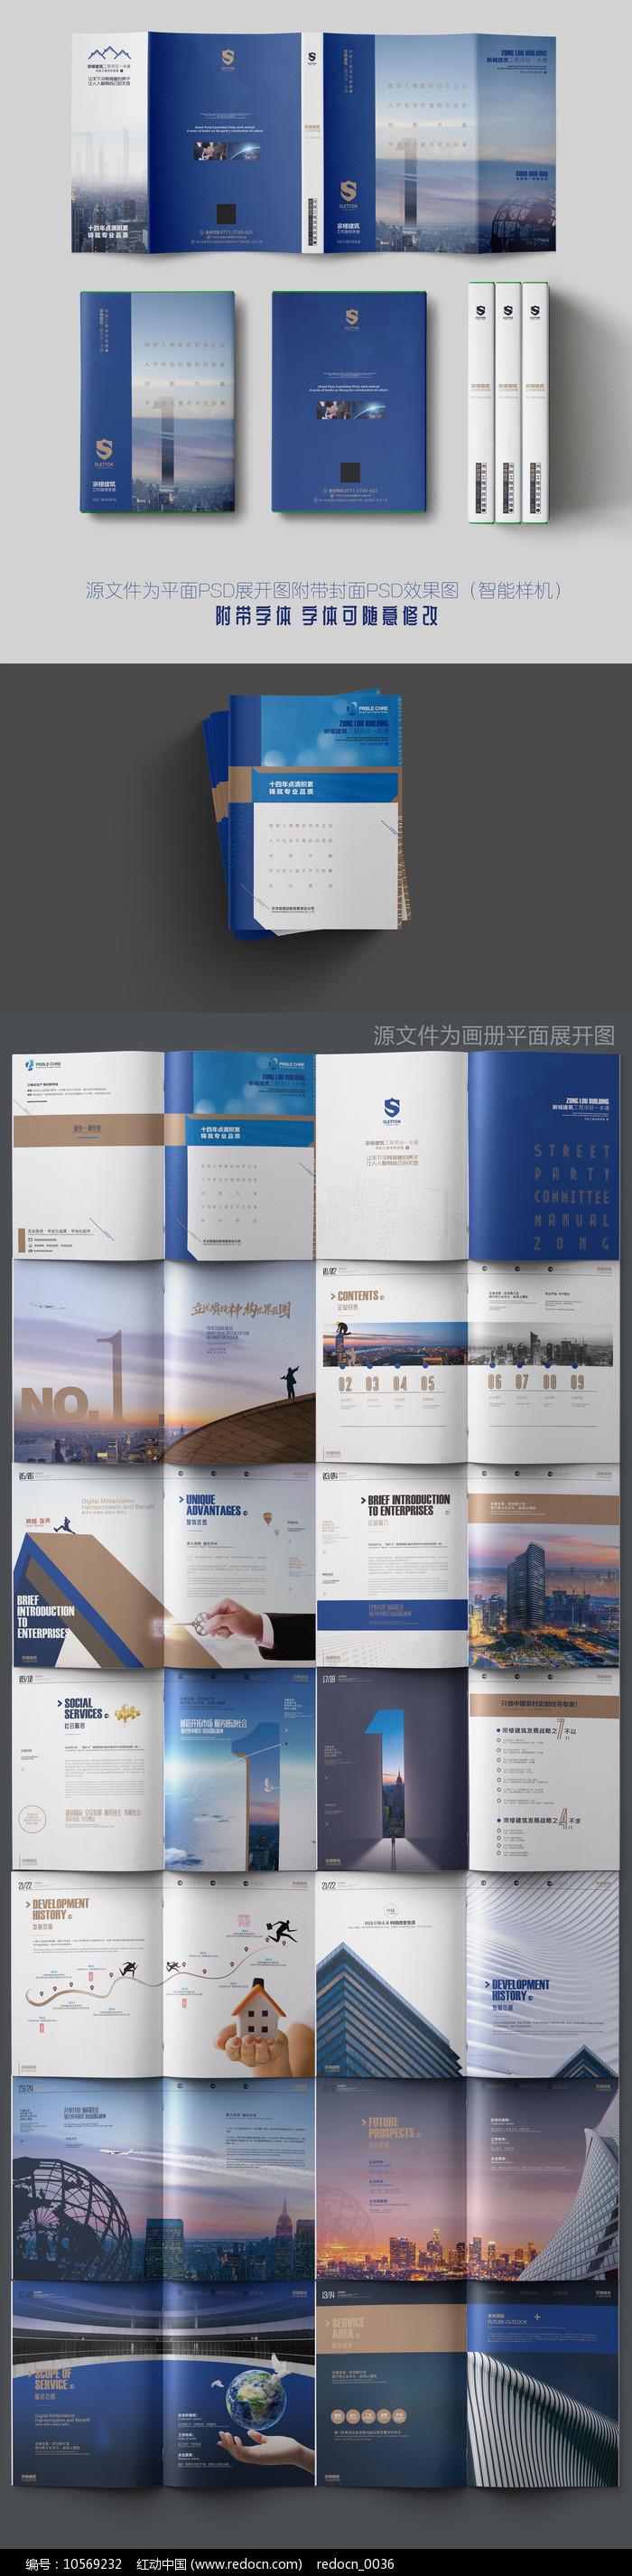 建筑工程画册设计图片